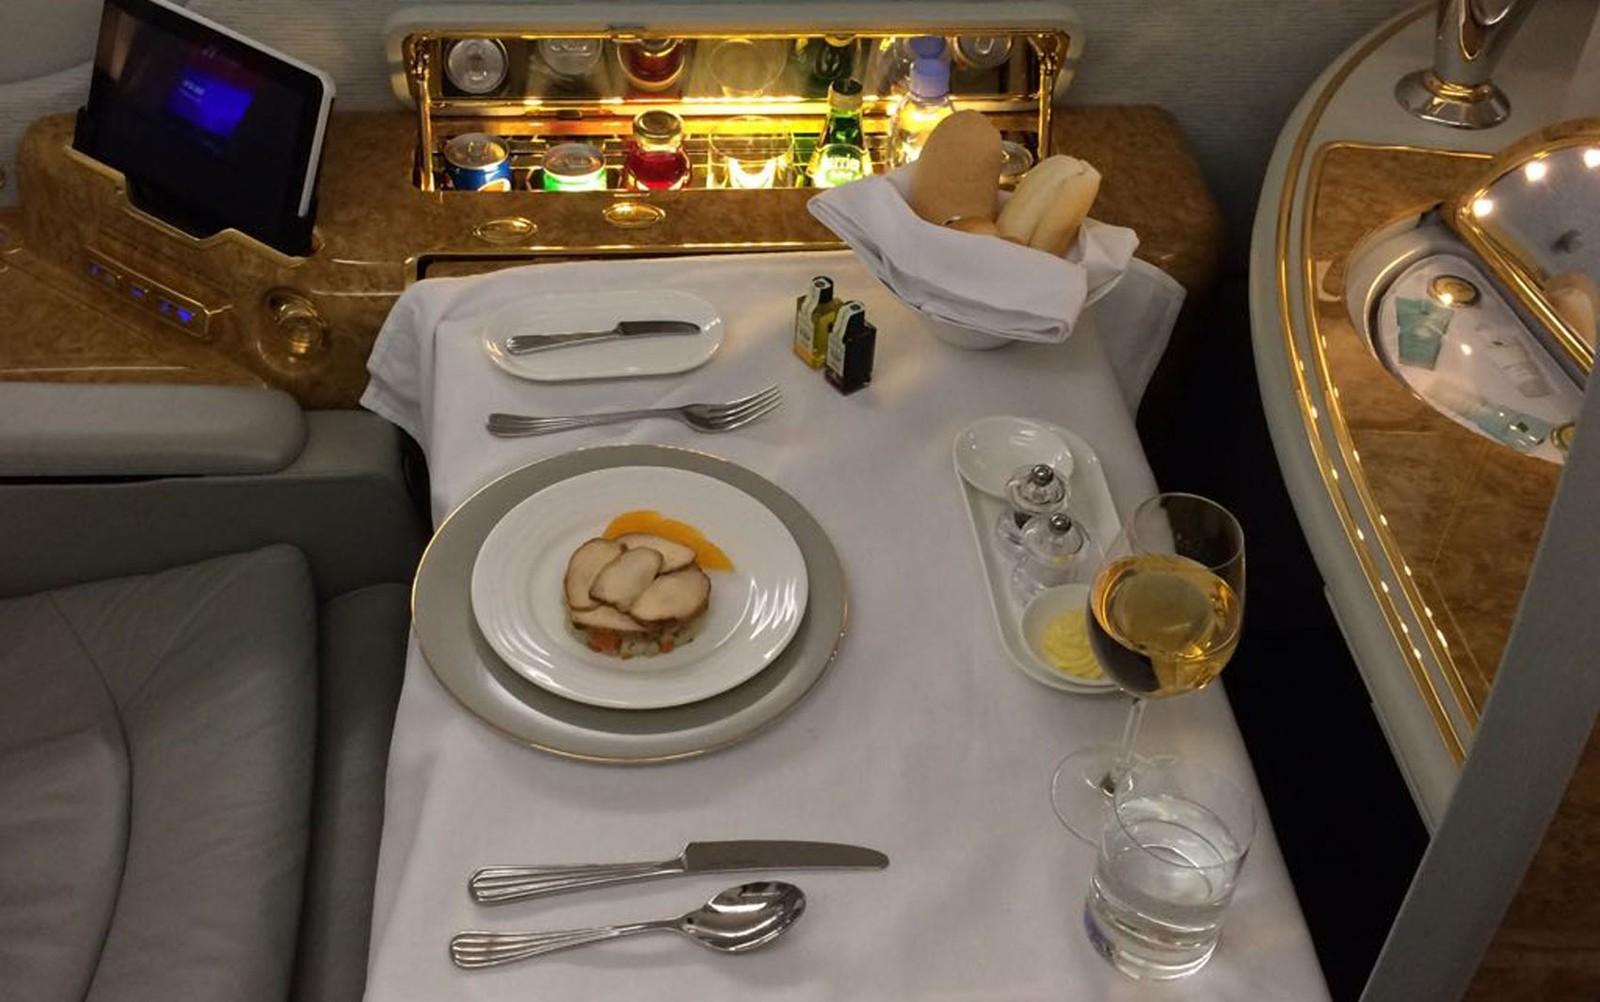 [Brasil] A380, maior avião comercial do mundo, aterrissa em Guarulhos e recebe 'batismo'; veja vídeo Av13